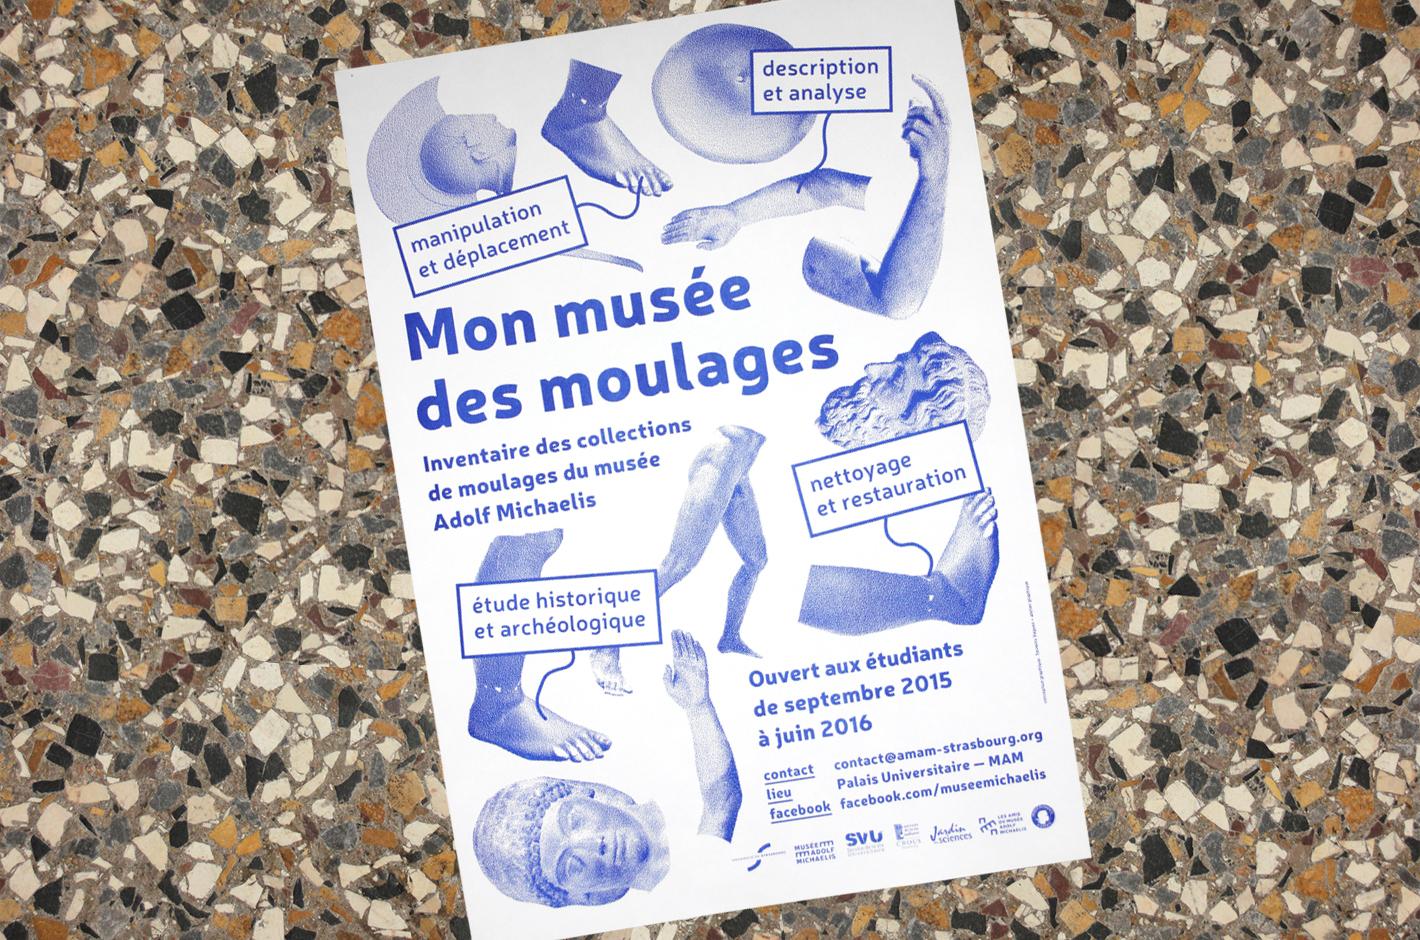 Musée Adolf Michaelis —affiche Mon musée des moulages